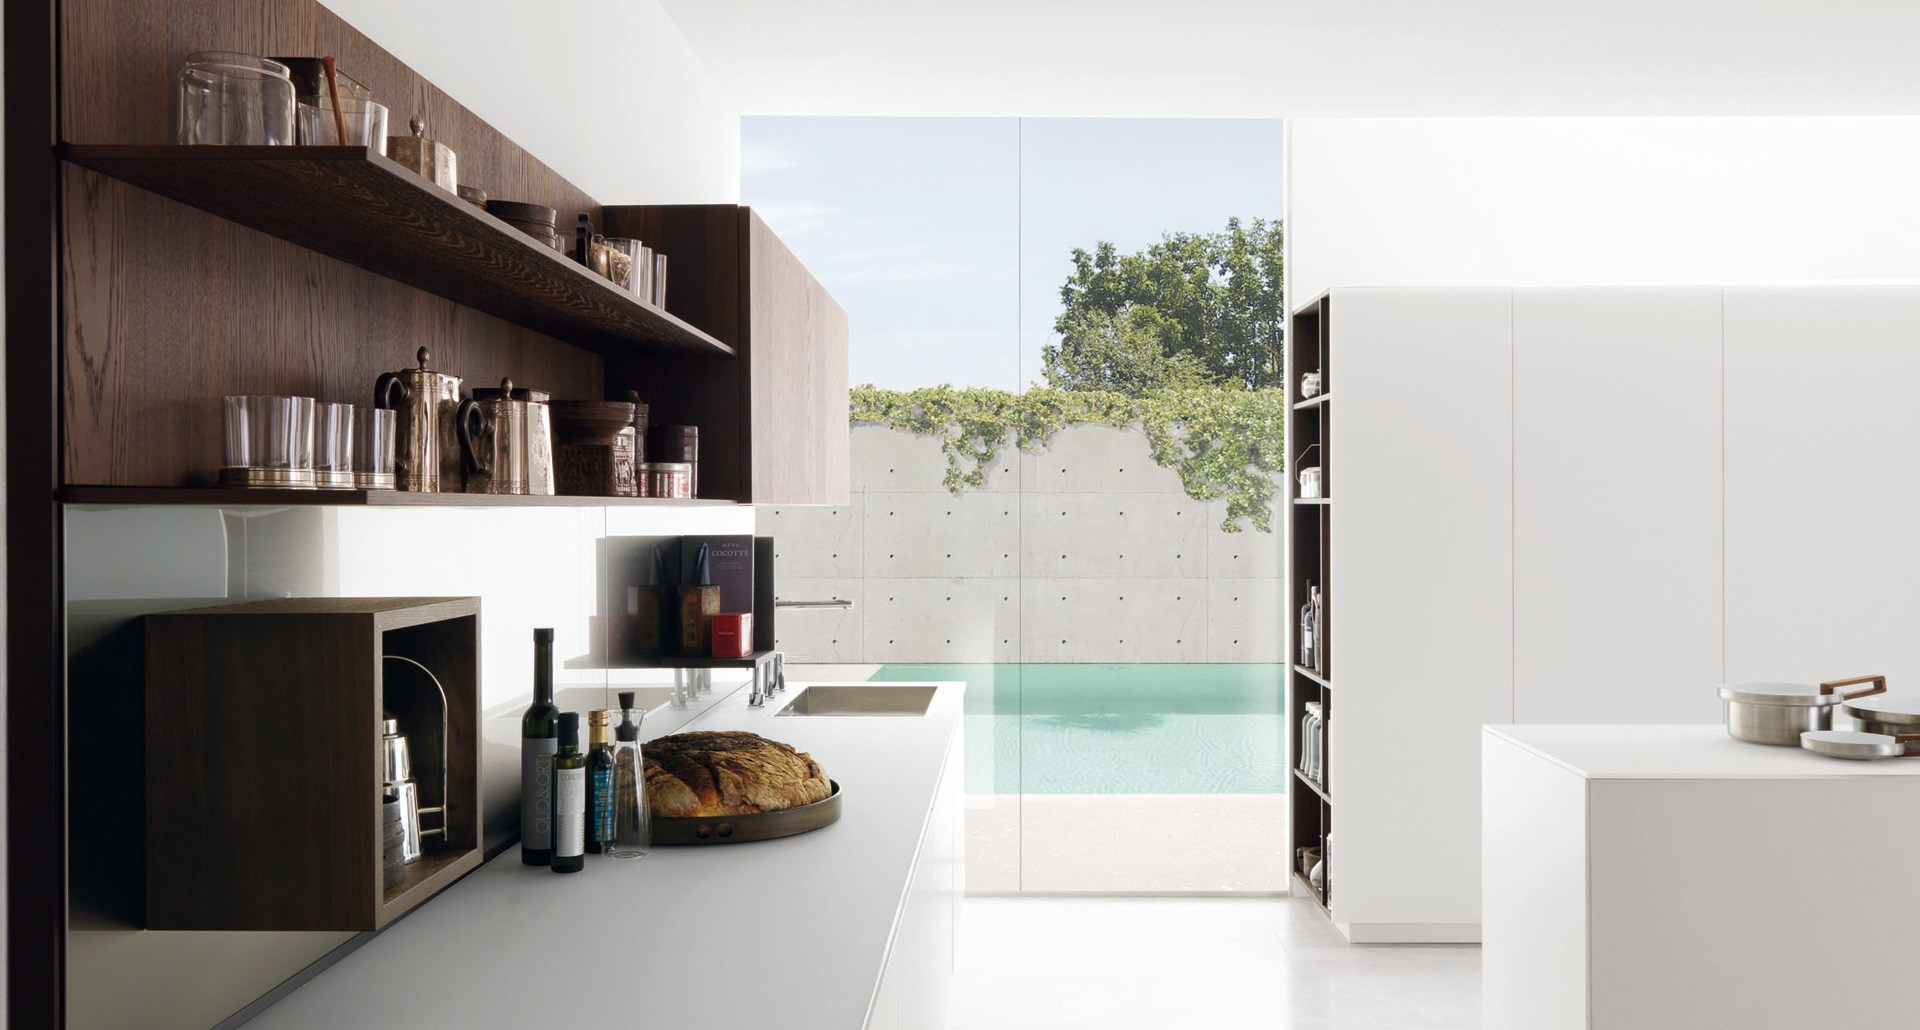 Muebles de cocina modular bricor ideas for Muebles de cocina bricor